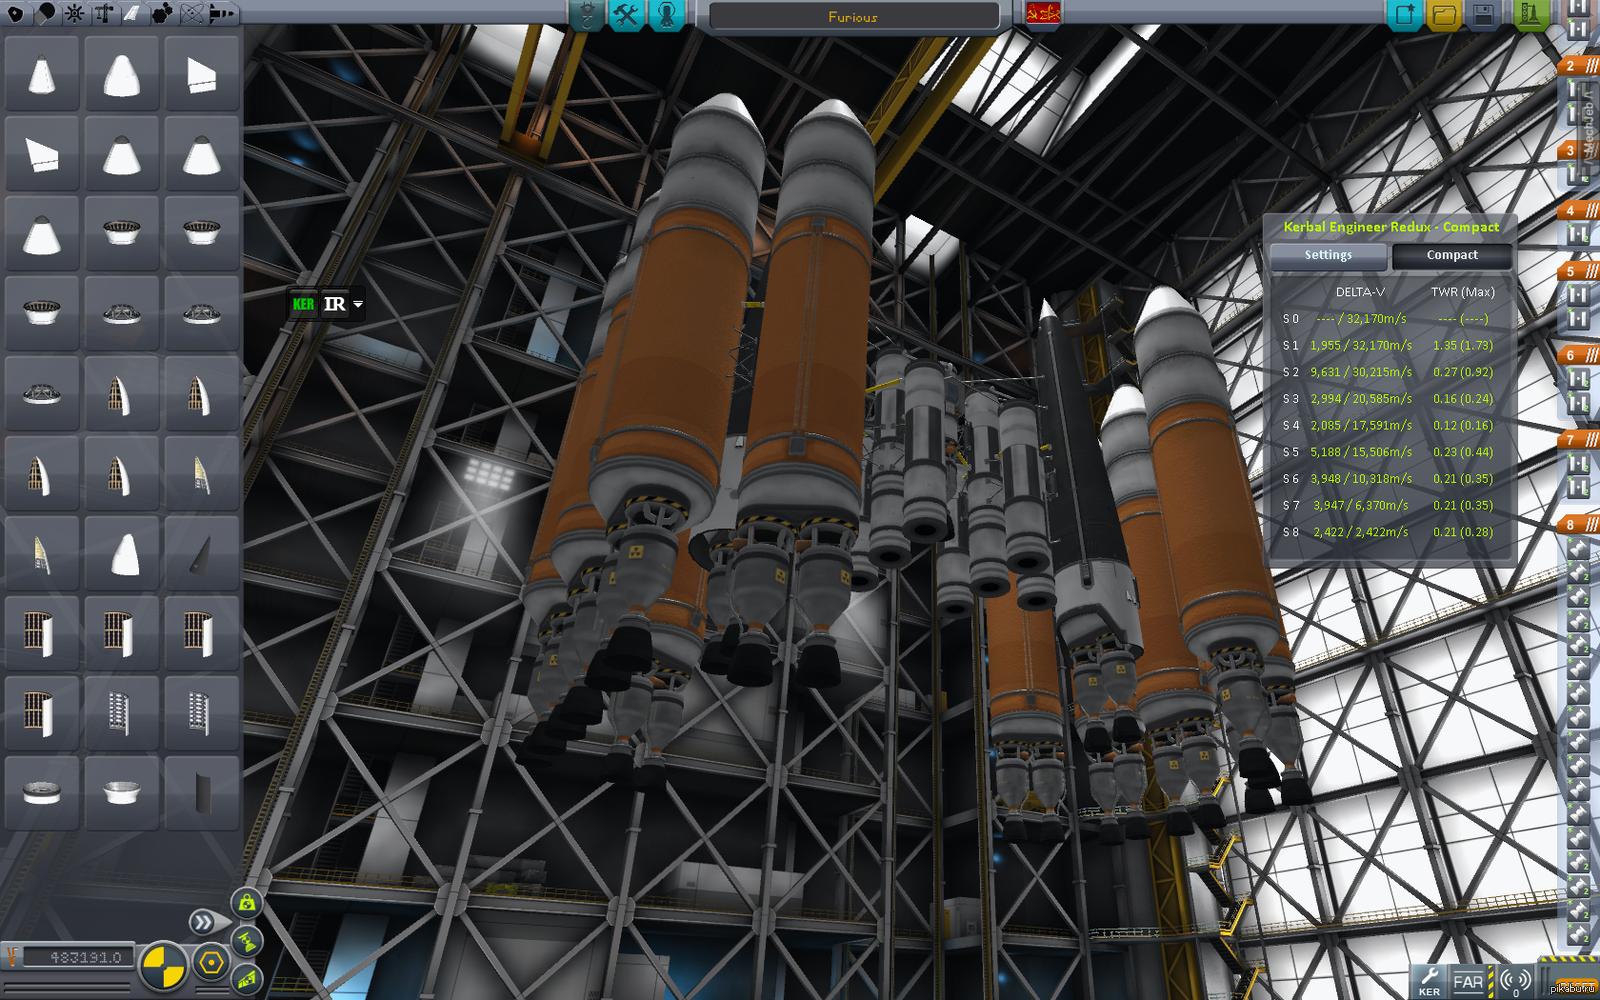 Представляю вашему вниманию космический корабль Furious